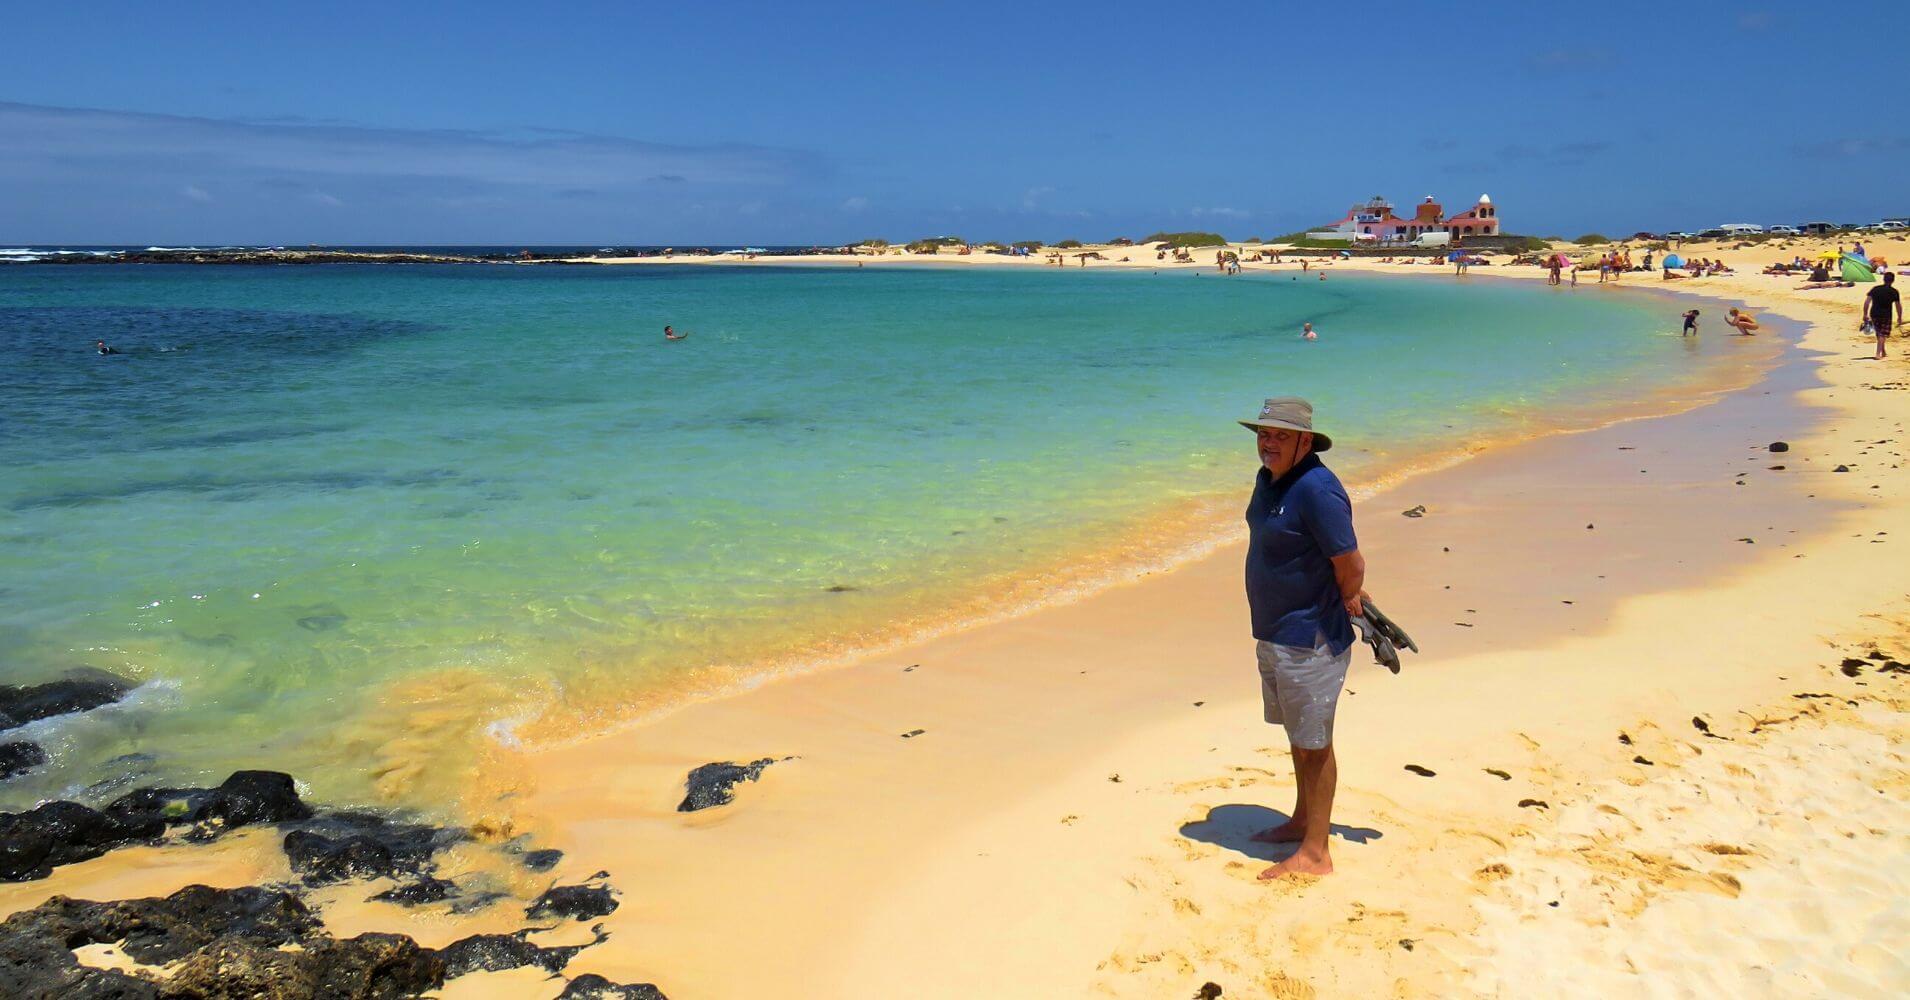 Playa de la Concha. Isla de Fuerteventura. Islas Canarias.